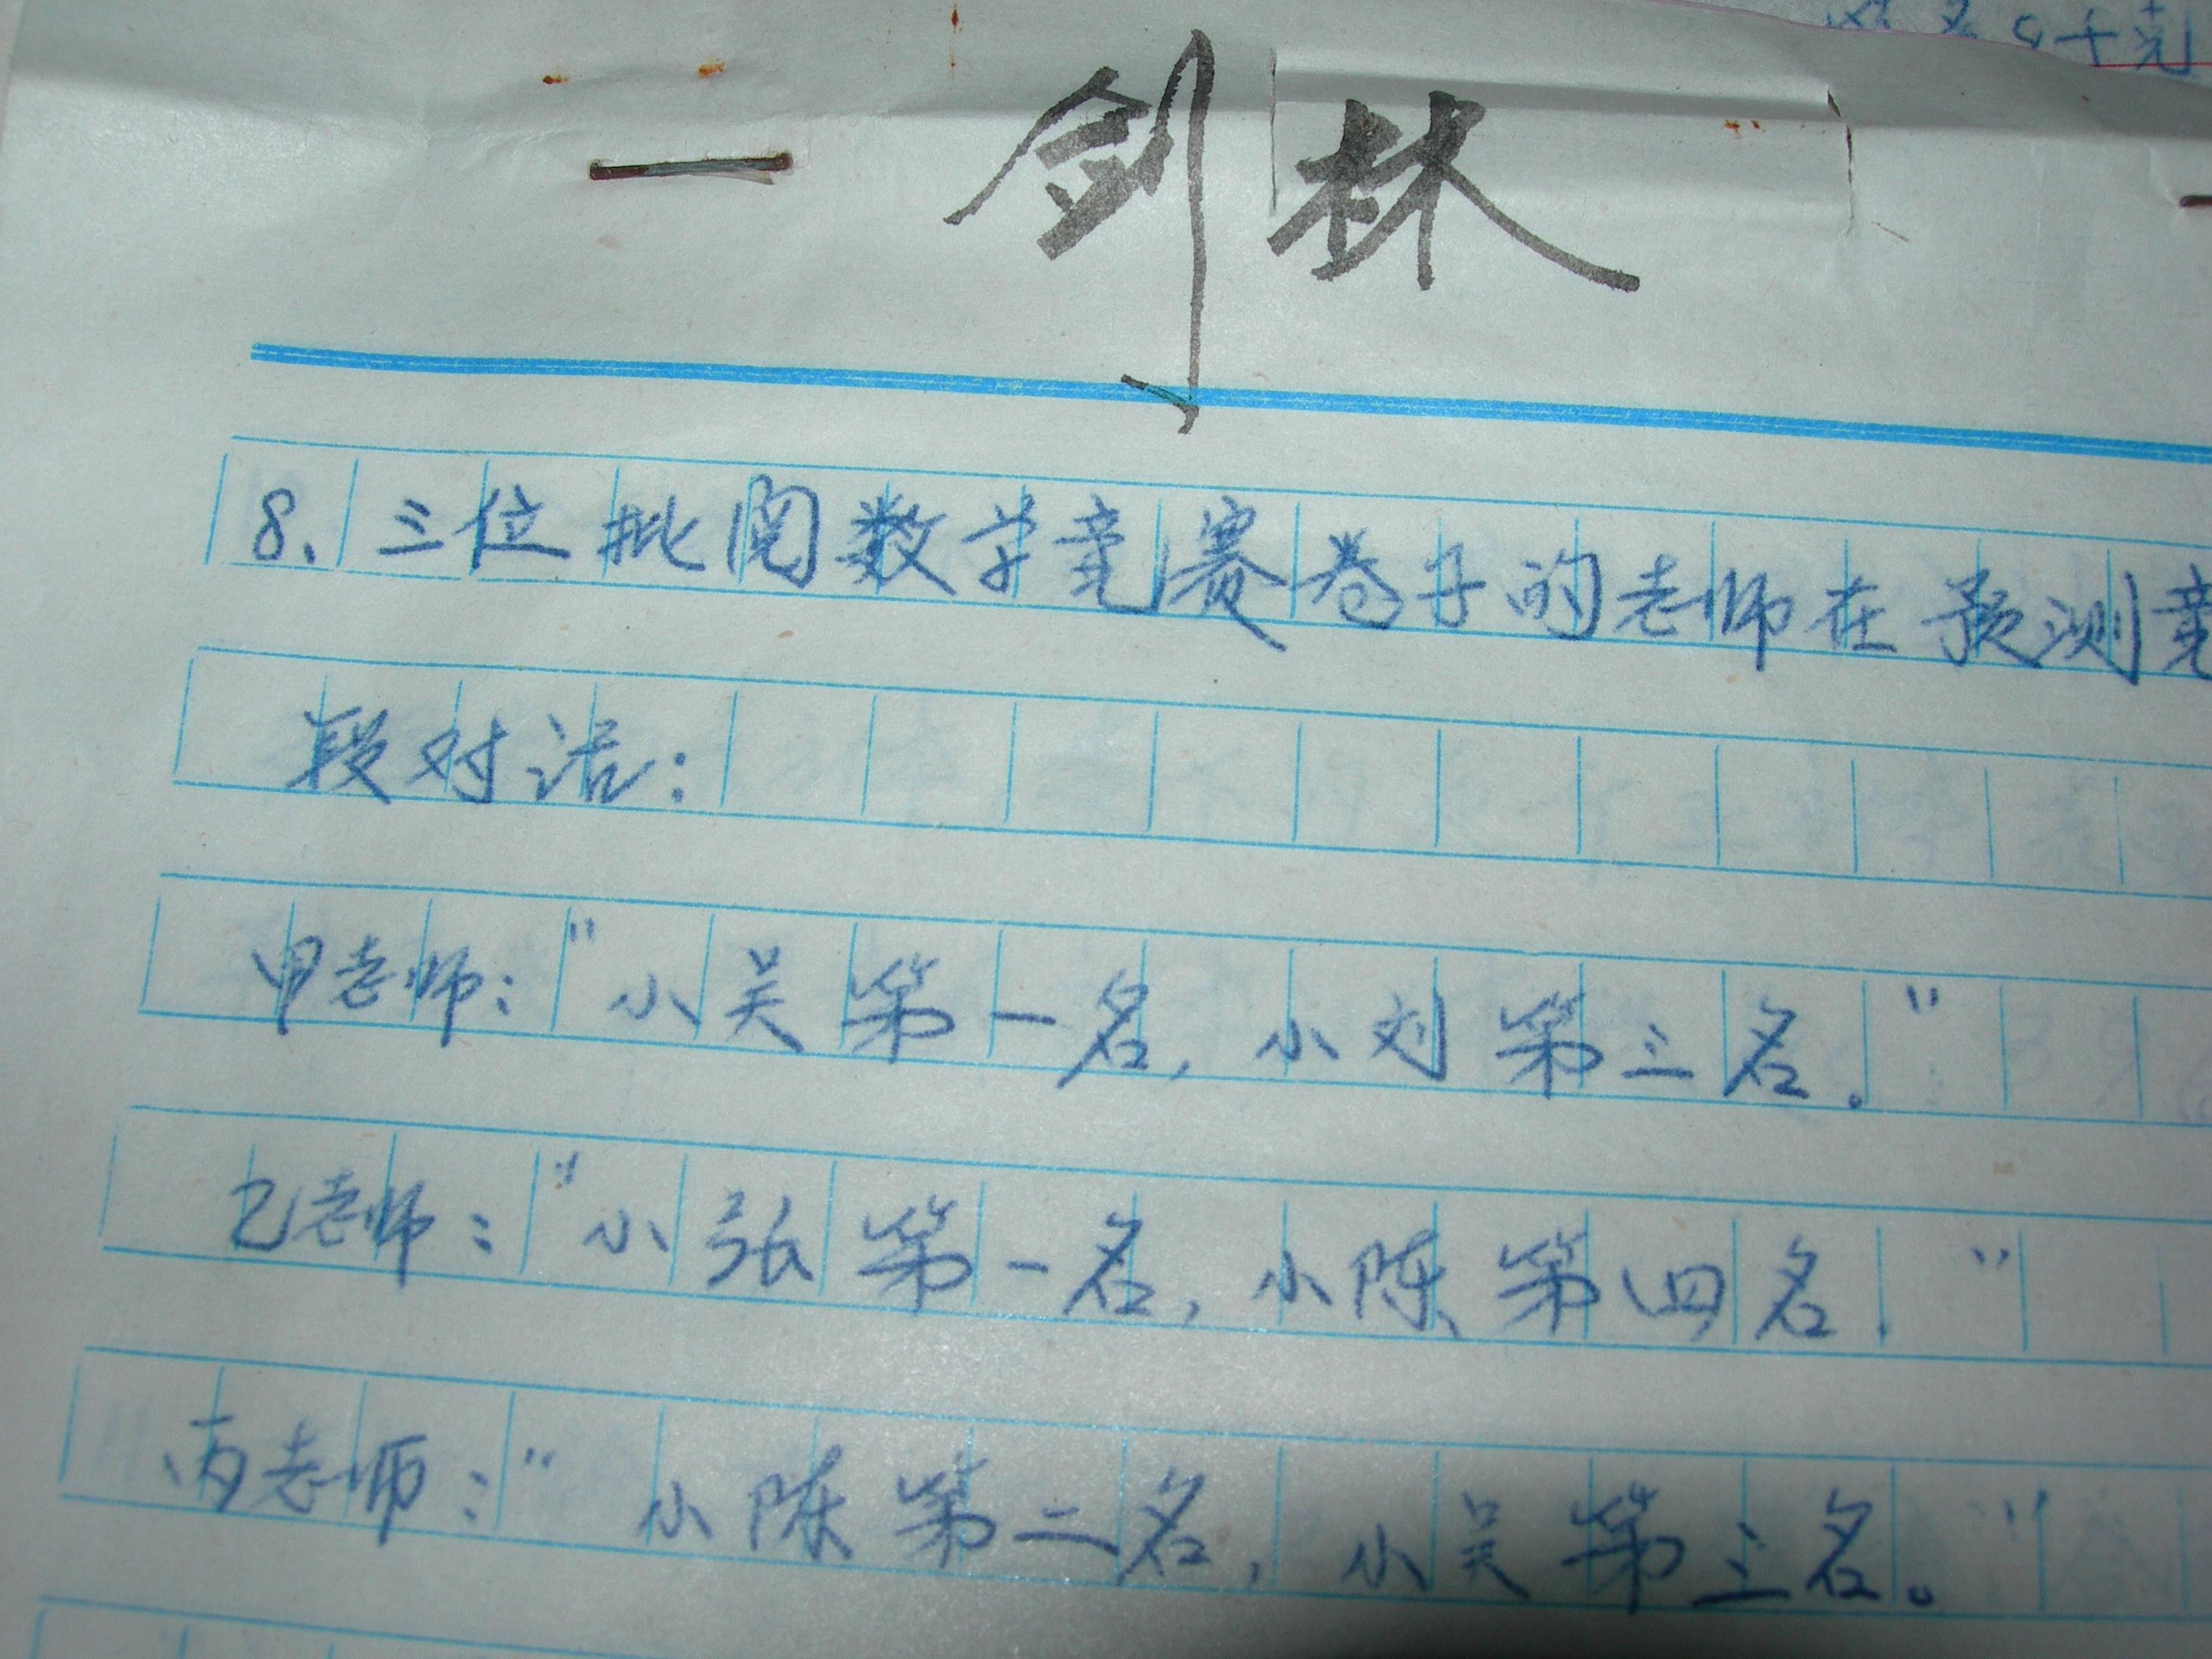 数学竞赛训练题目·回忆2.JPG